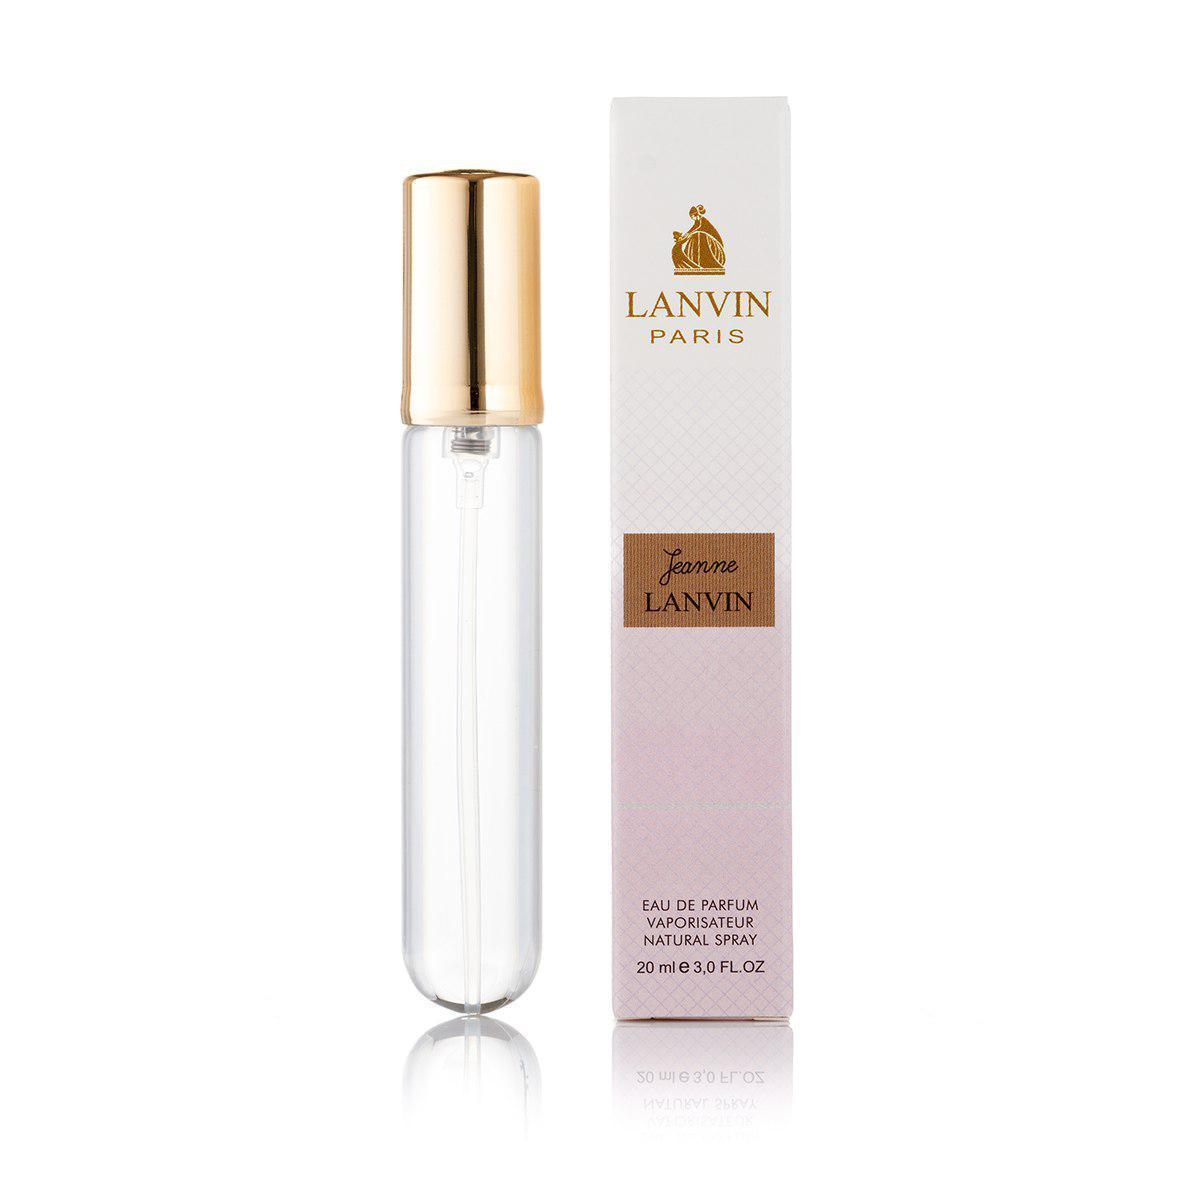 20 мл мини-парфюм Lanvin Jeanne Lanvin (ж)